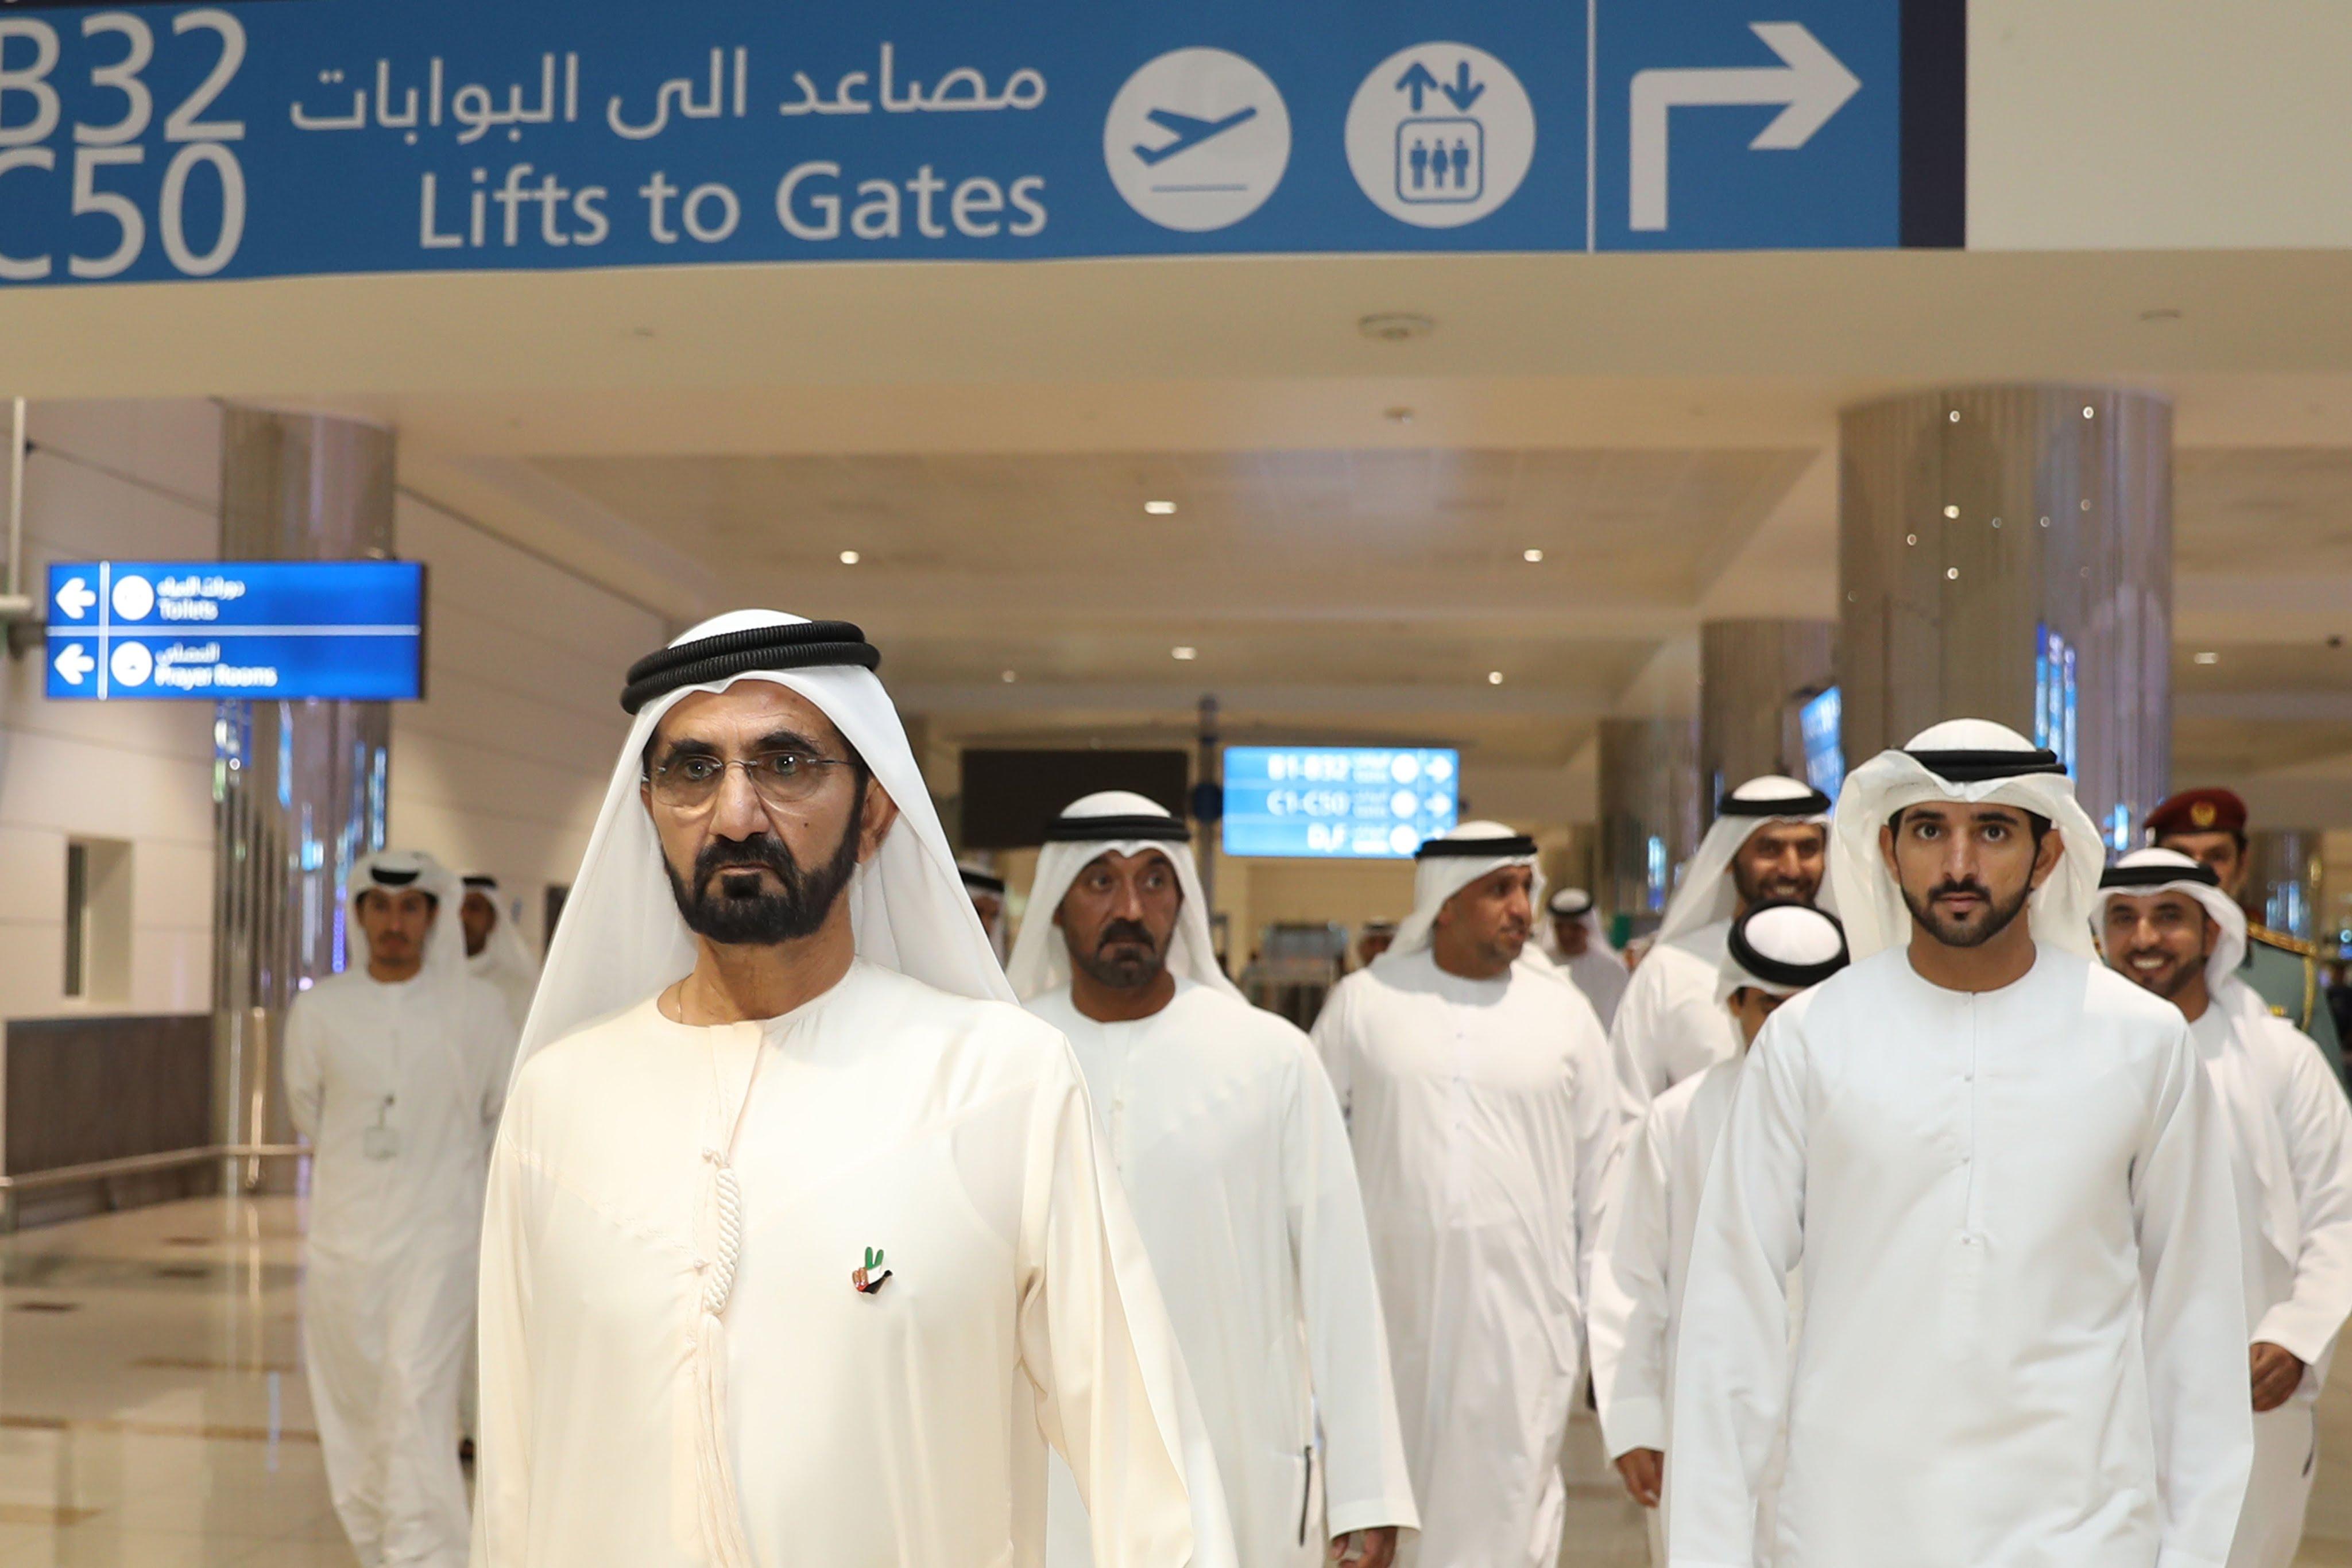 cb7b10f45 «محمد بن راشد» يفاجئ المتسوقين في مجمع تجاري سعودي (فيديو)   مجلة الرجل